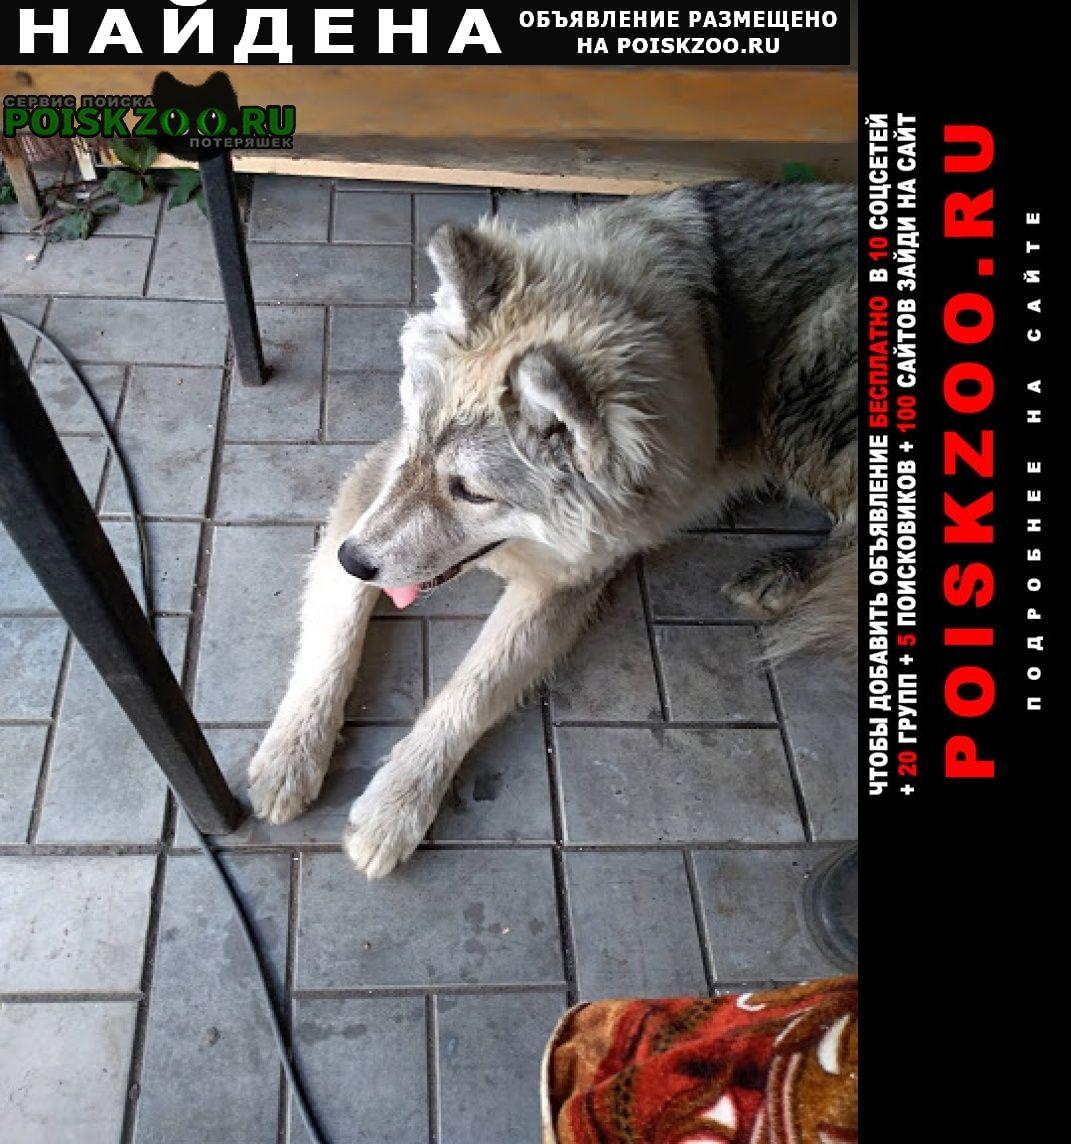 Найдена собака сибирской хаски, светло-серого окраса Омск